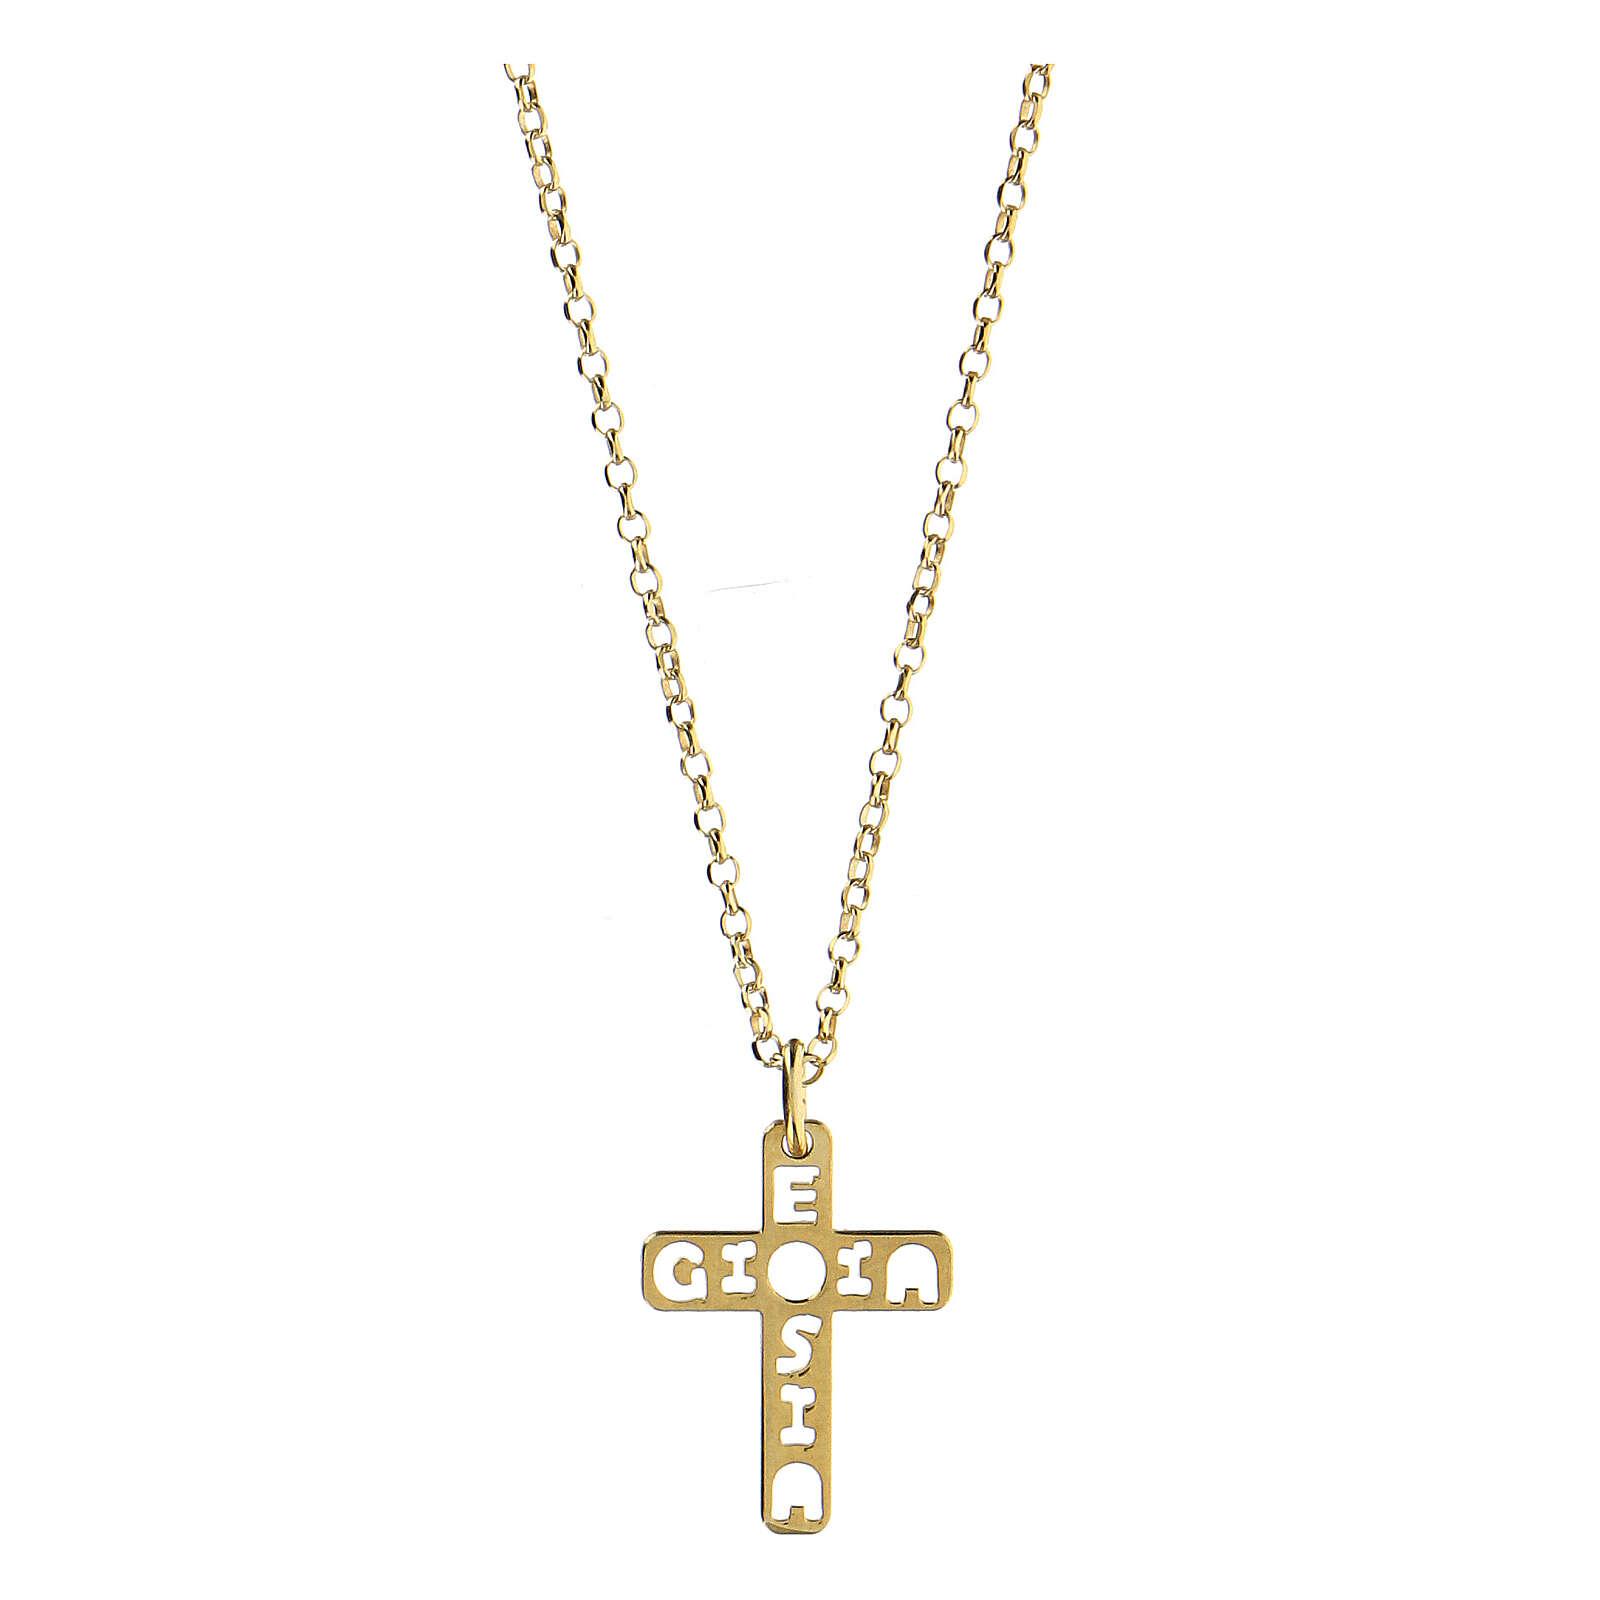 Pendente croce E Gioia Sia argento 925 dorato 4